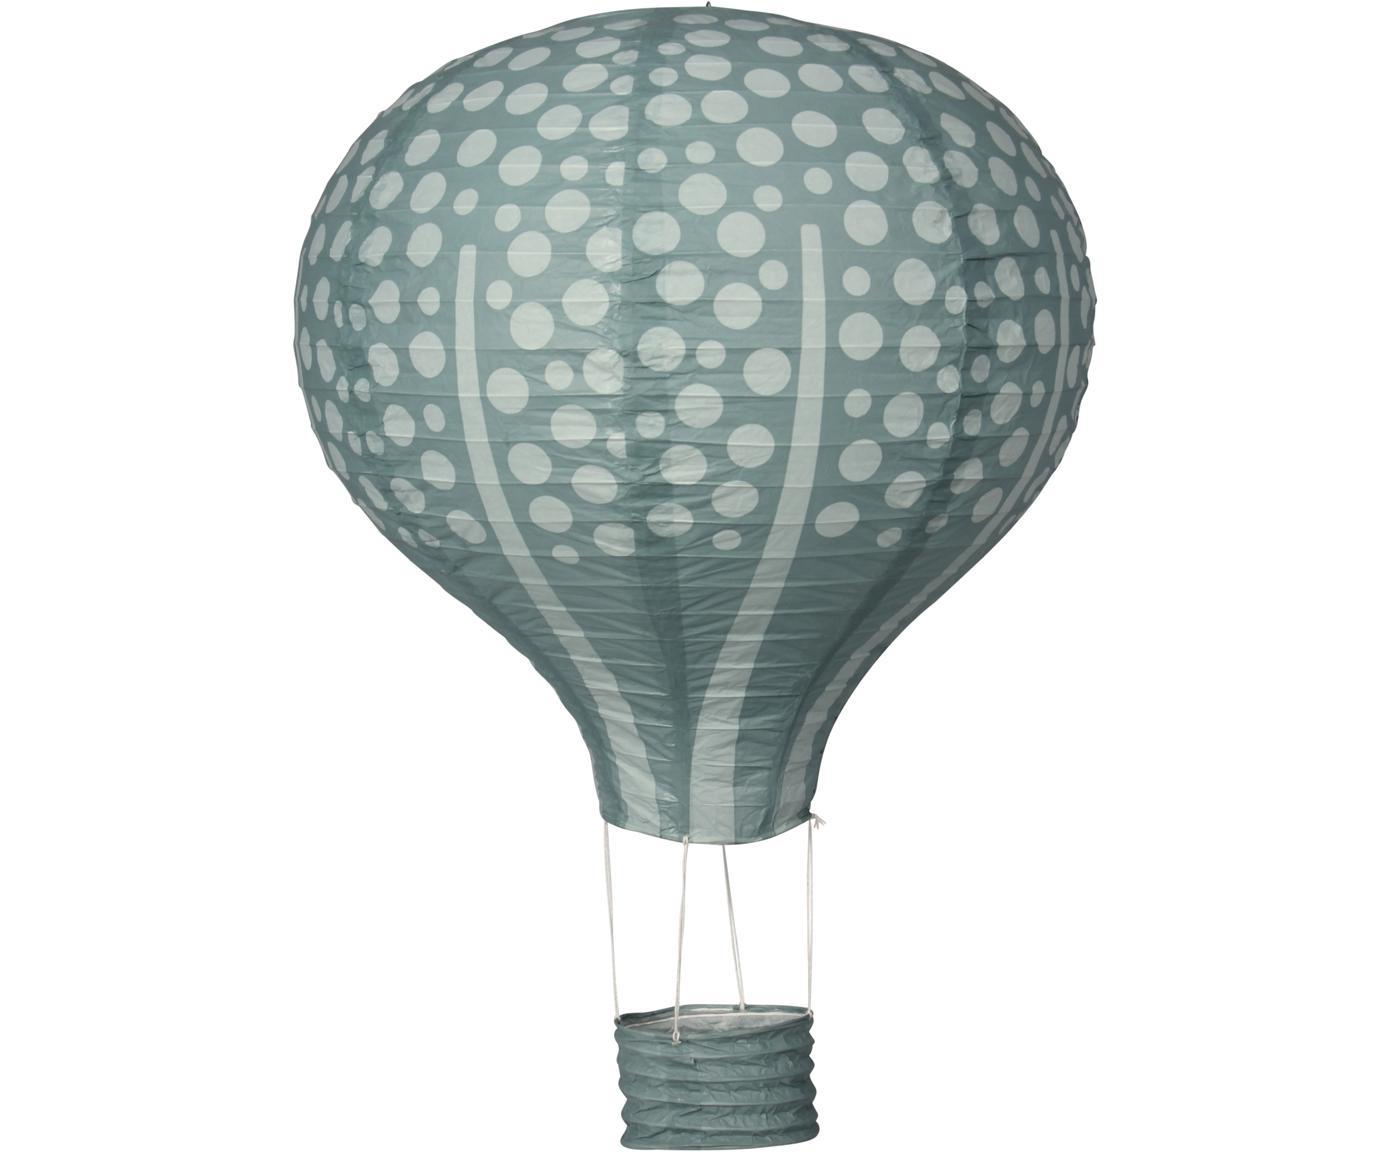 Oggetto decorativo Forest Balloon, Carta, metallo, cotone, Verde menta, verde, Ø 40 cm